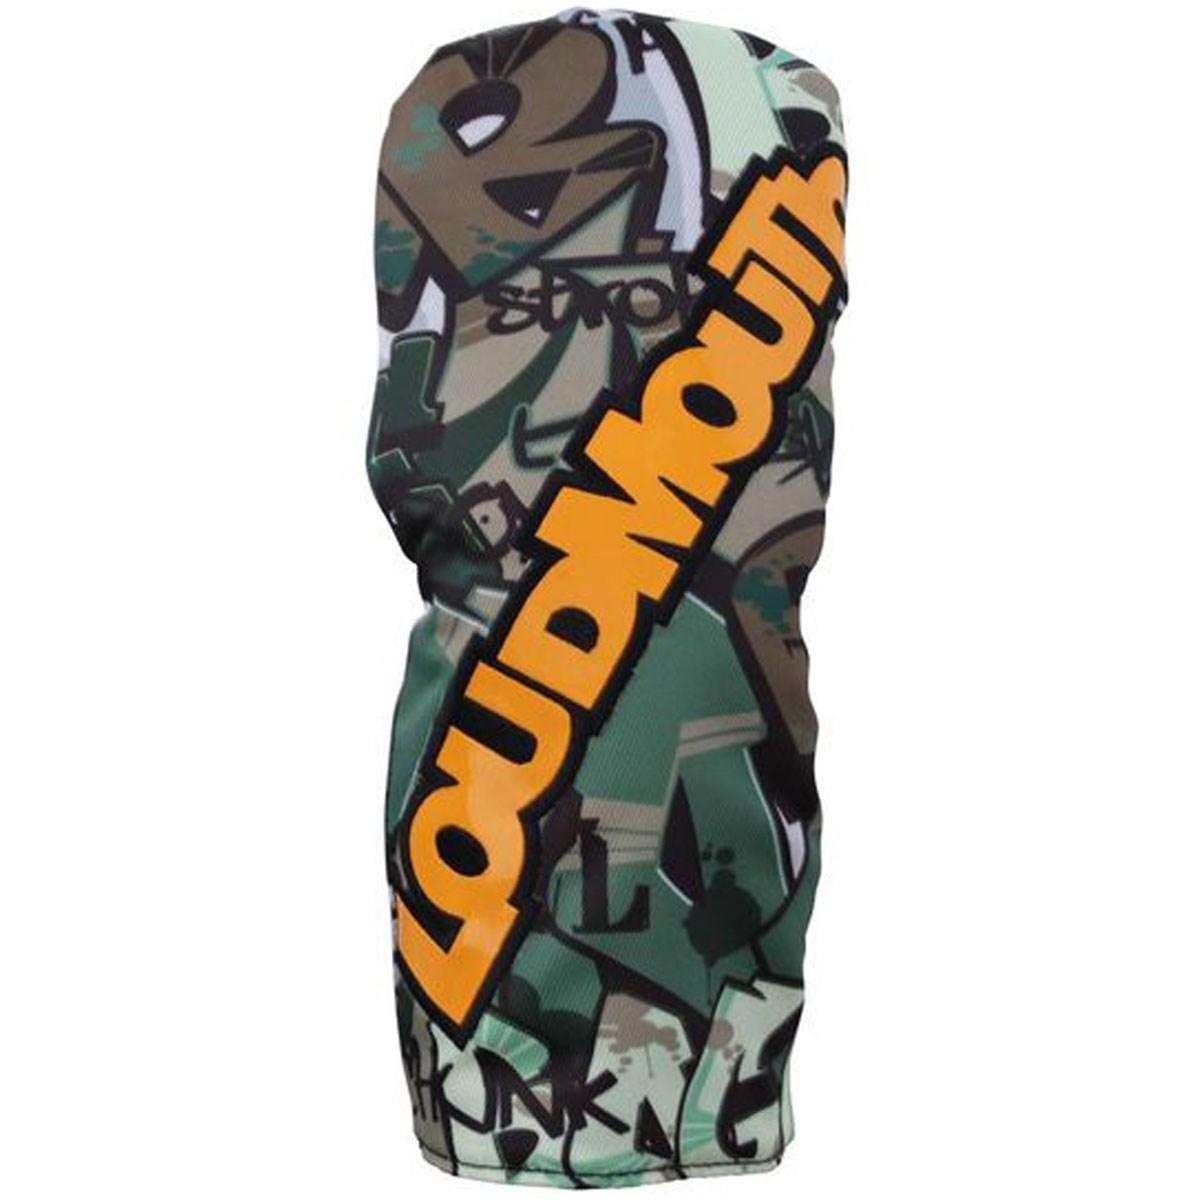 ラウドマウスゴルフ(LOUDMLOUTH) ヘッドカバー FW用 タグスカモ